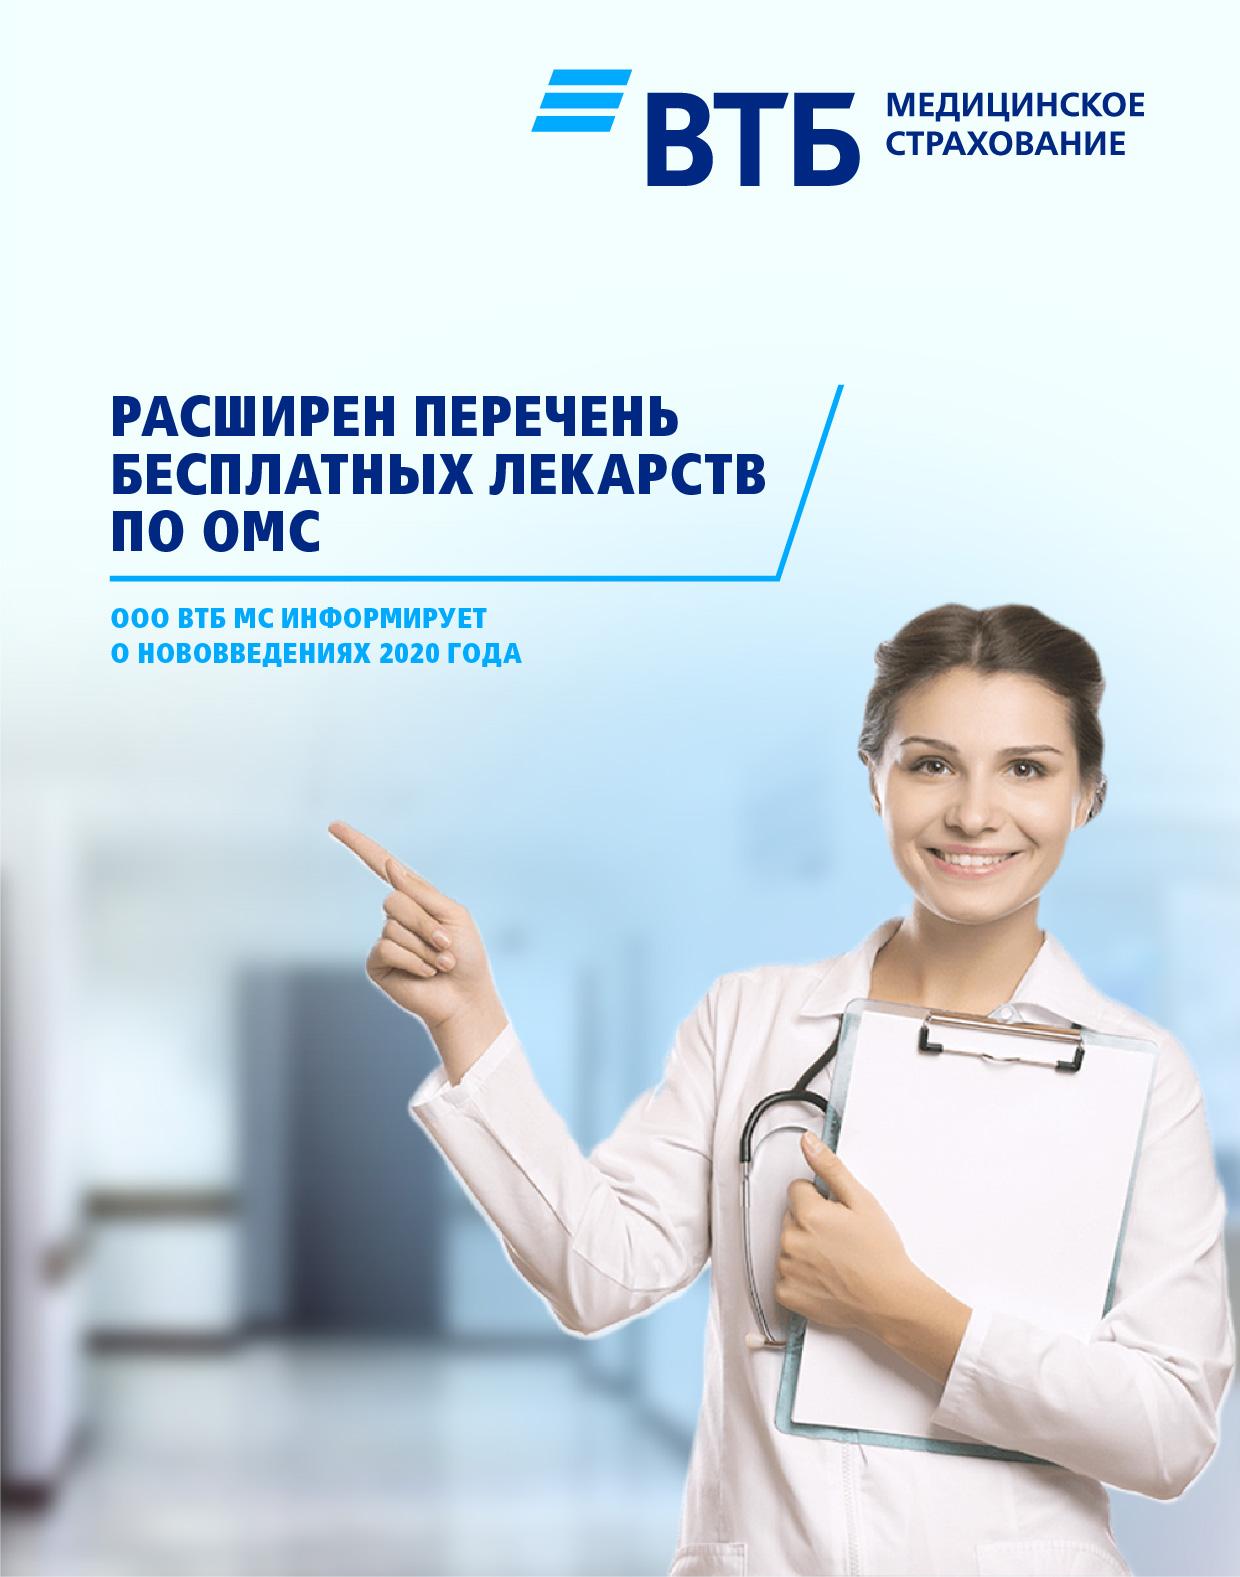 ООО ВТБ МС информирует о нововведениях 2020 года в системе ОМС